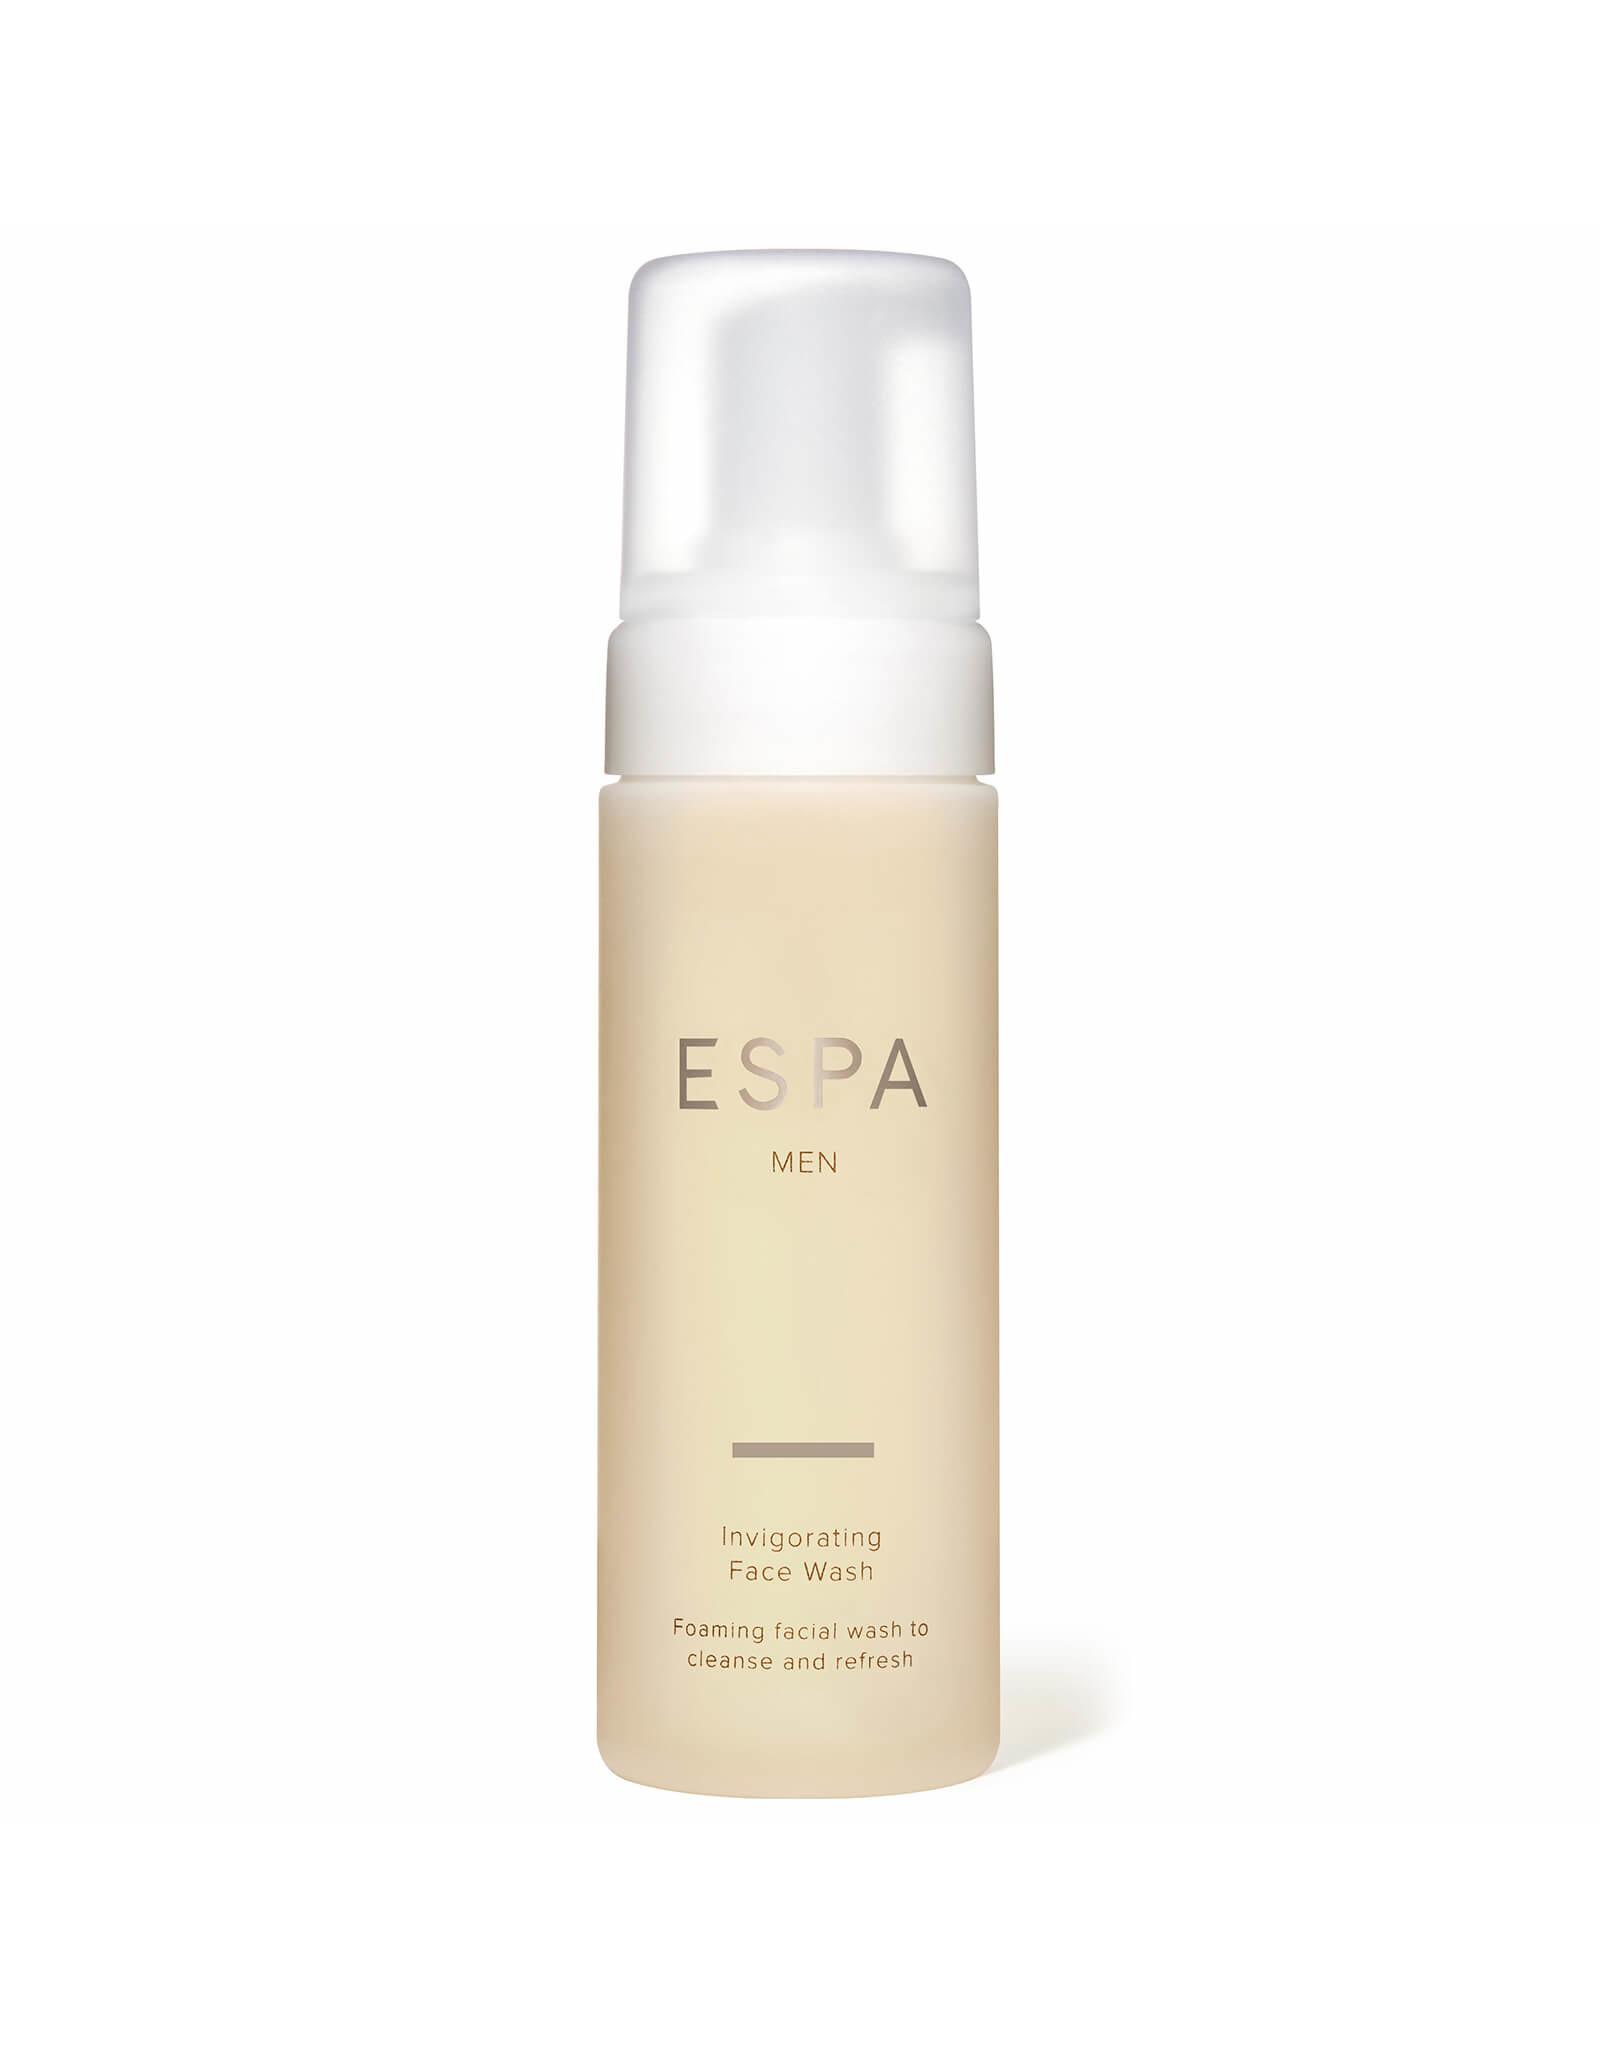 ESPA Men Invigorating Facewash